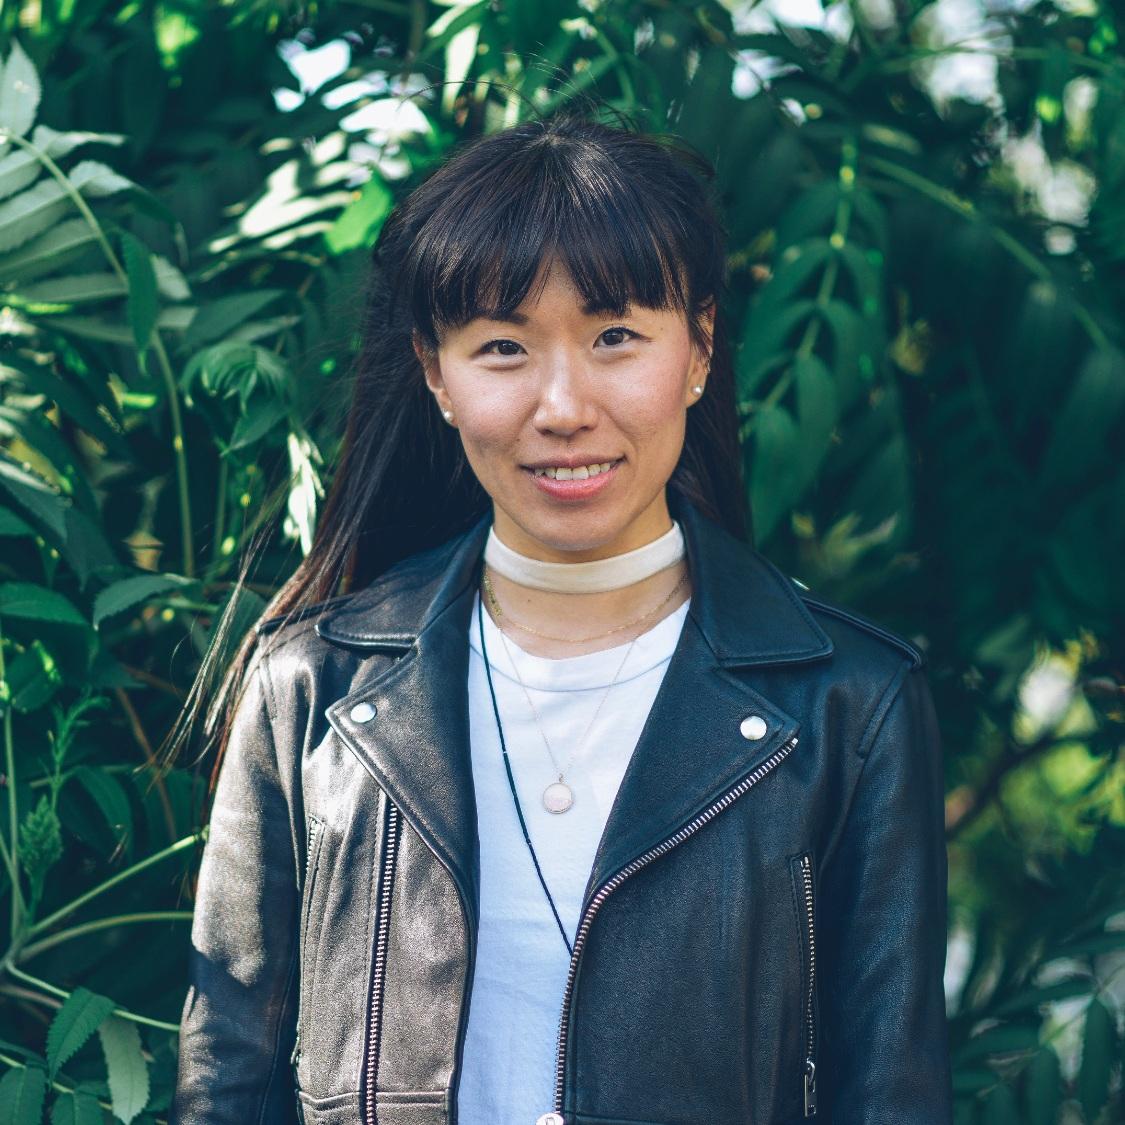 JOCELYN LOO / ICBRKR / USA / HONG KONG